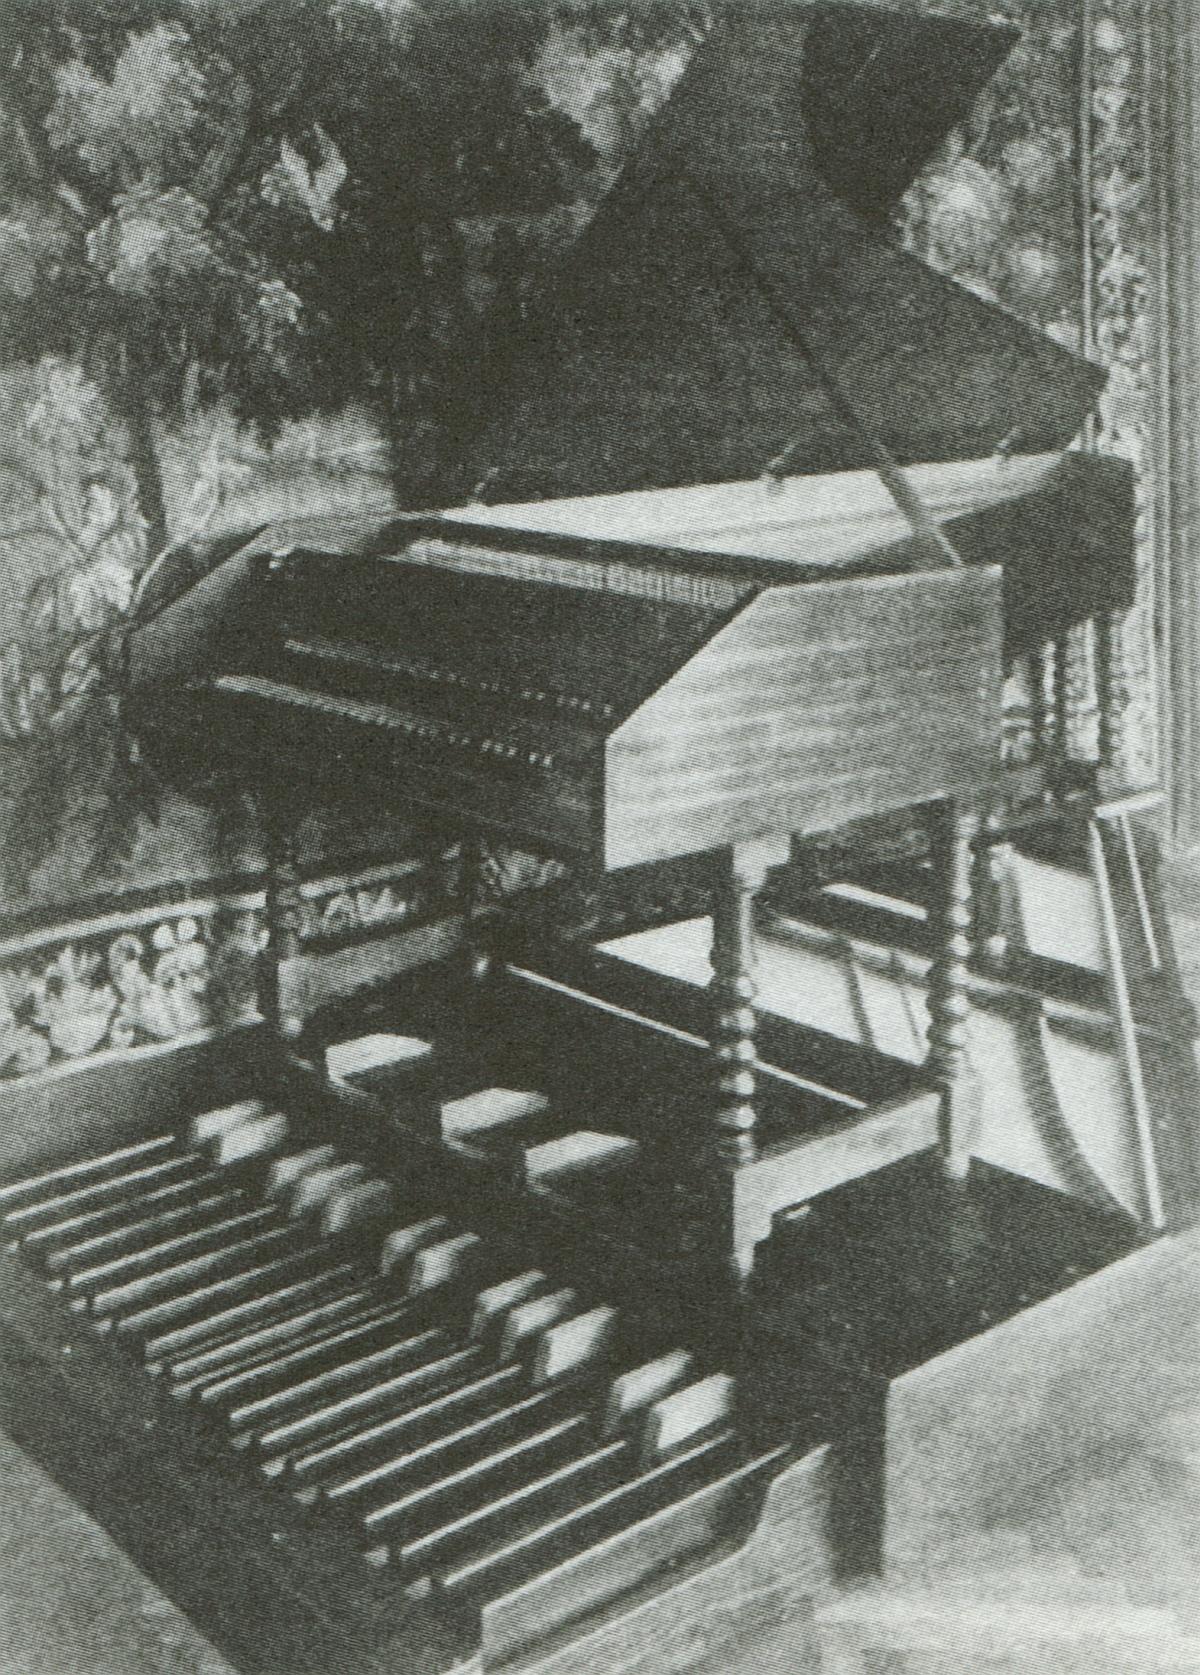 Clavecin avec pedales Ammer de 1941